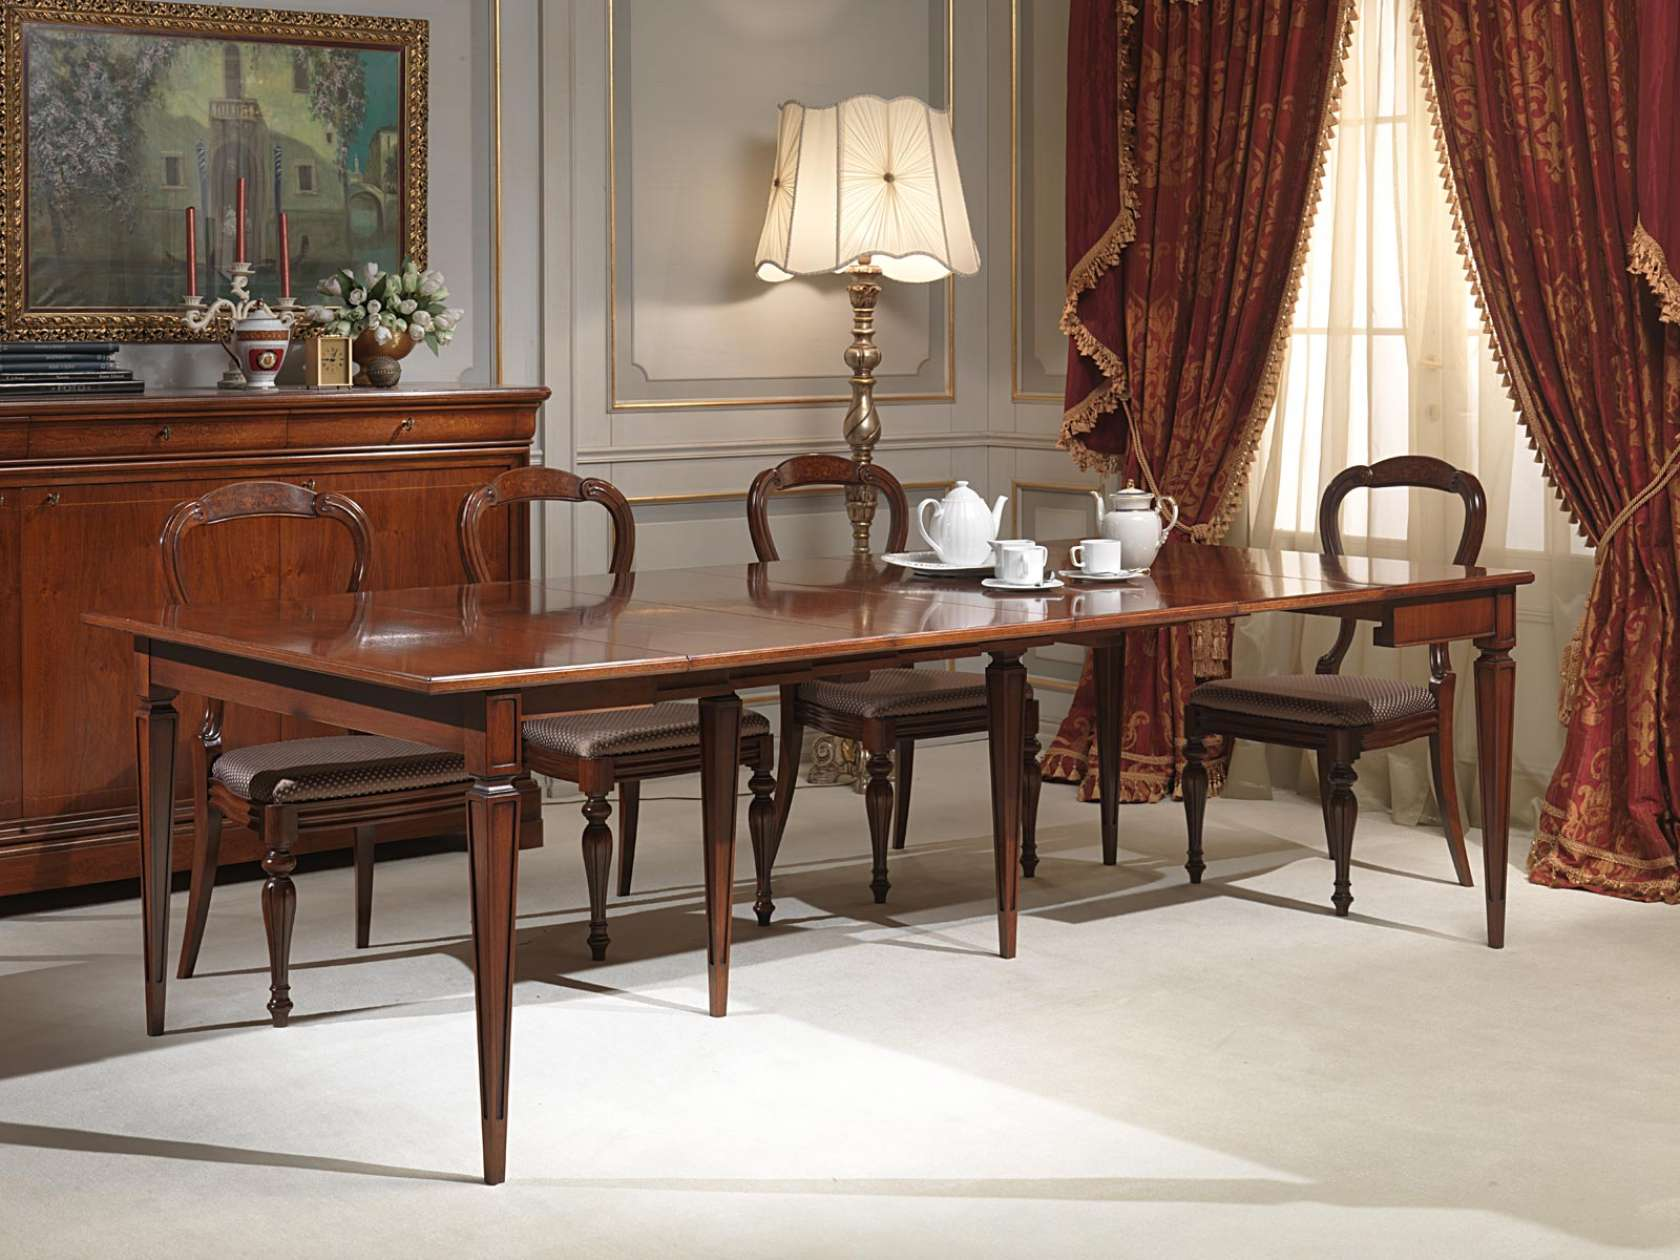 Tavolo consolle classico allungato vimercati meda for Consolle tavolo